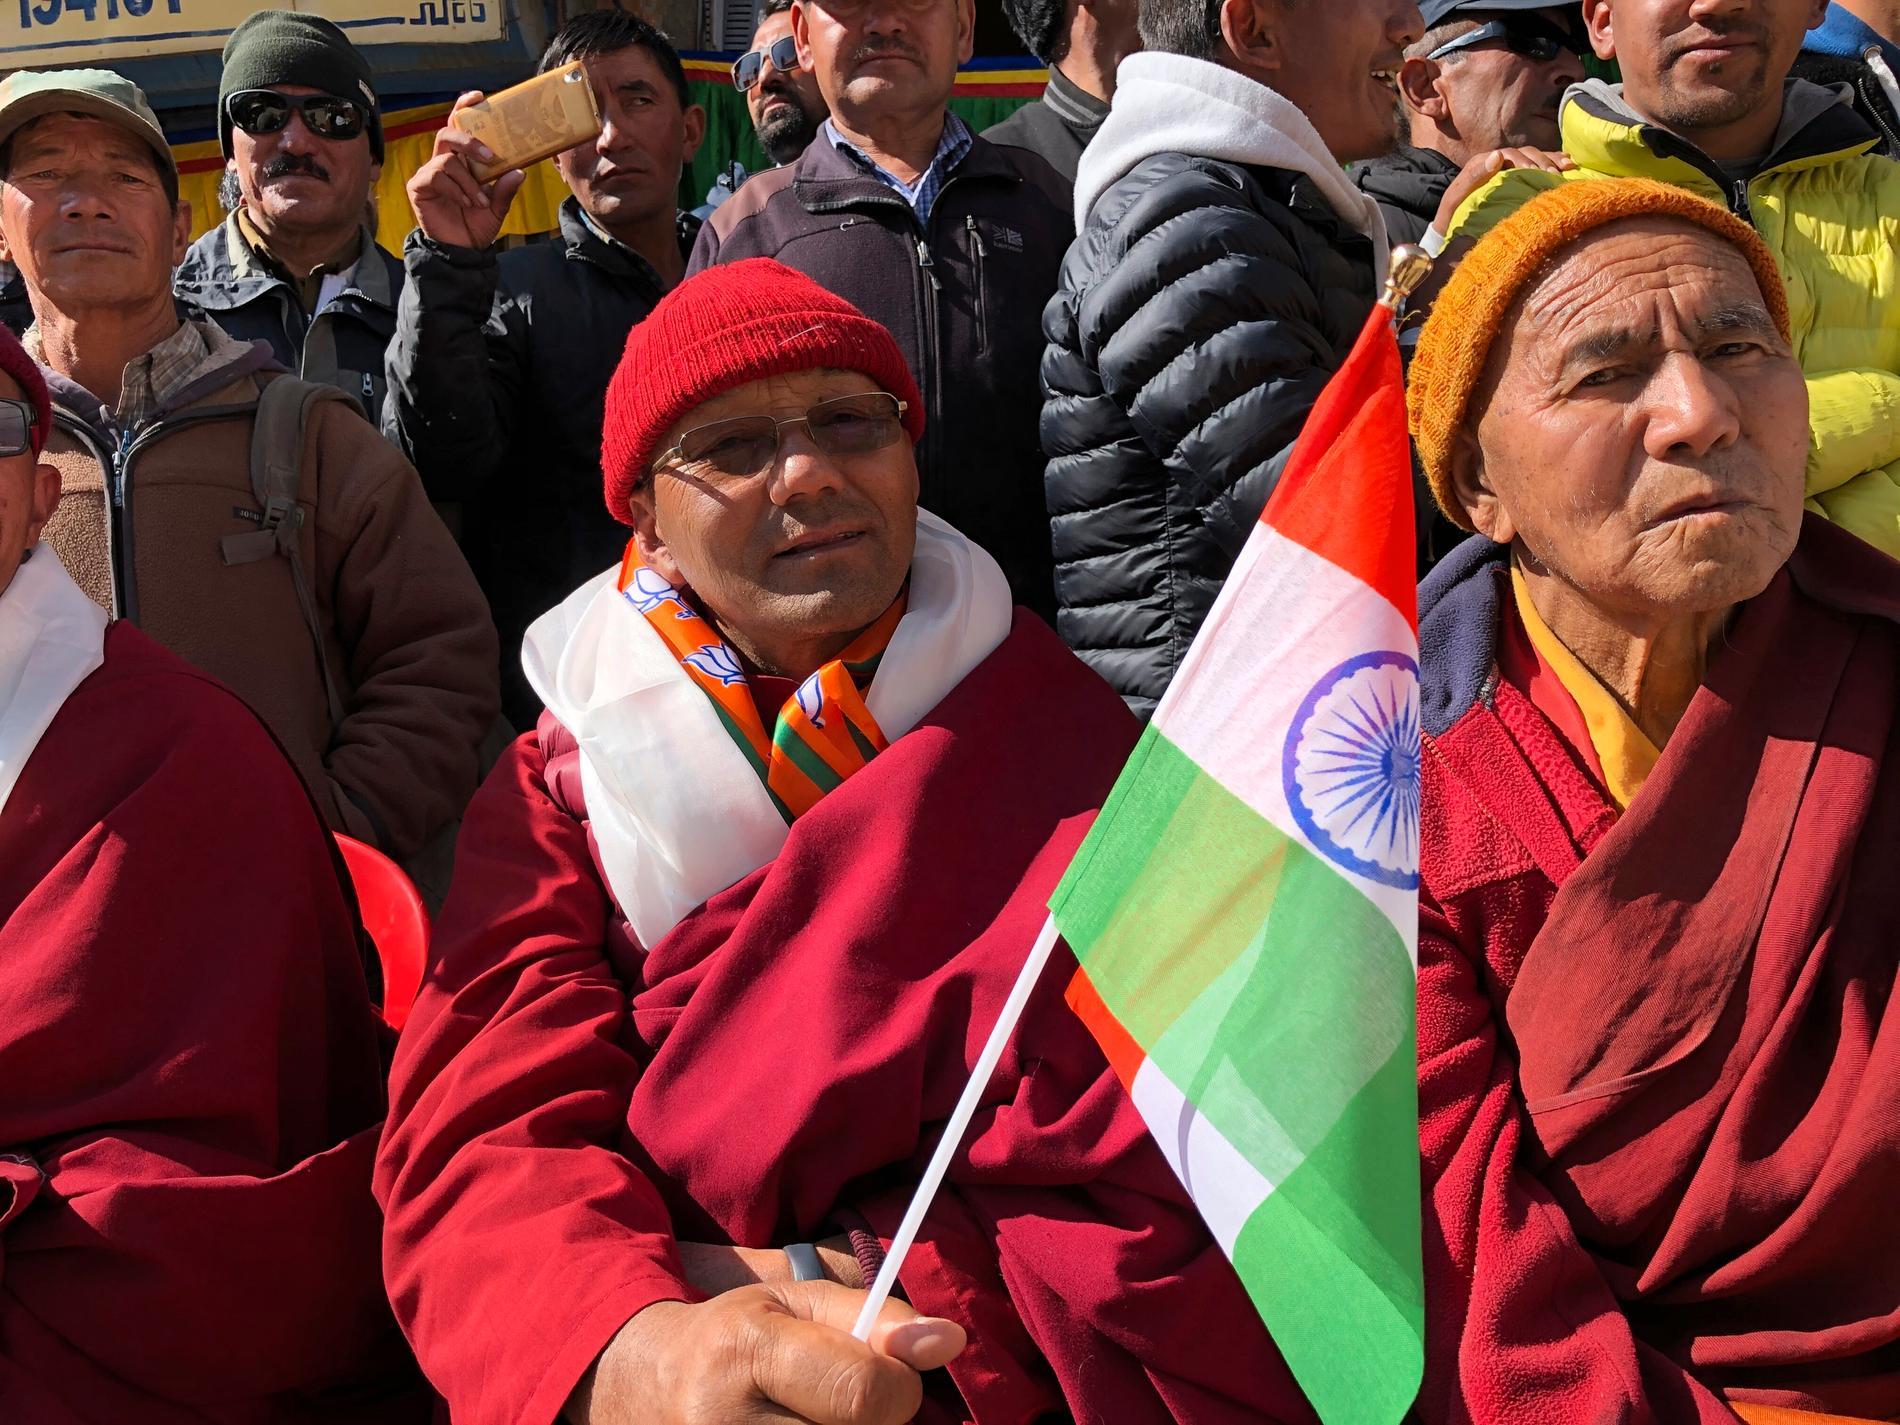 En man viftar med den indiska flaggan för att fira att Ladakh blivit en egen delstat i Indien.